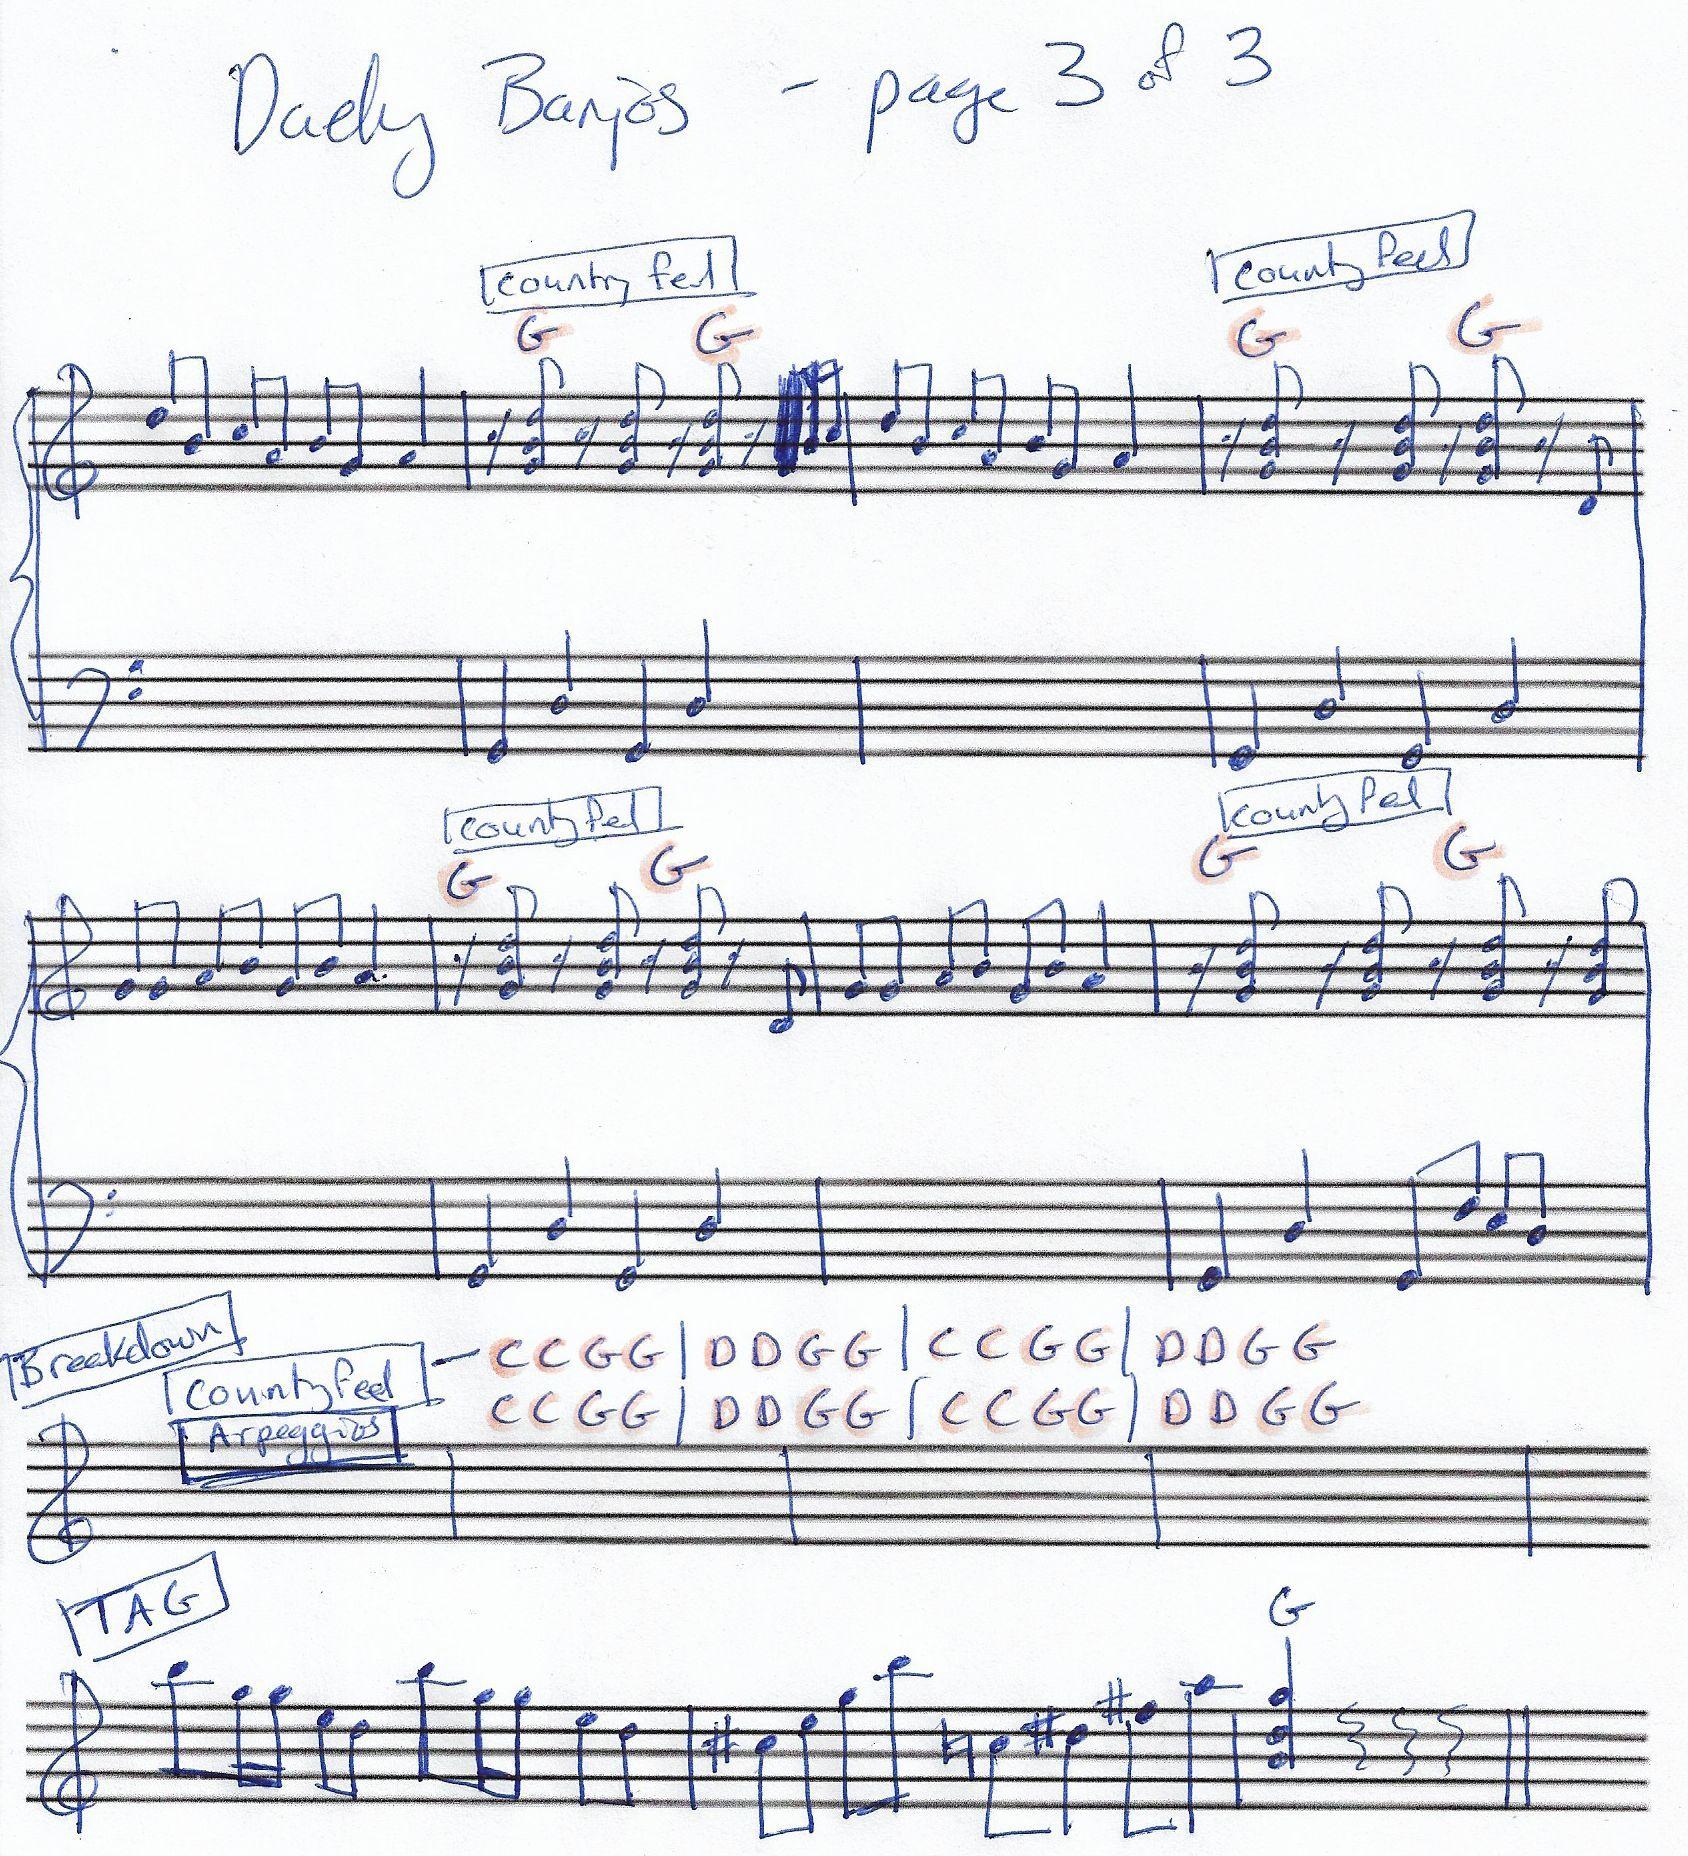 Dueling Banjos (Fake Sheet) Piano in G Major - Page 3 of 3